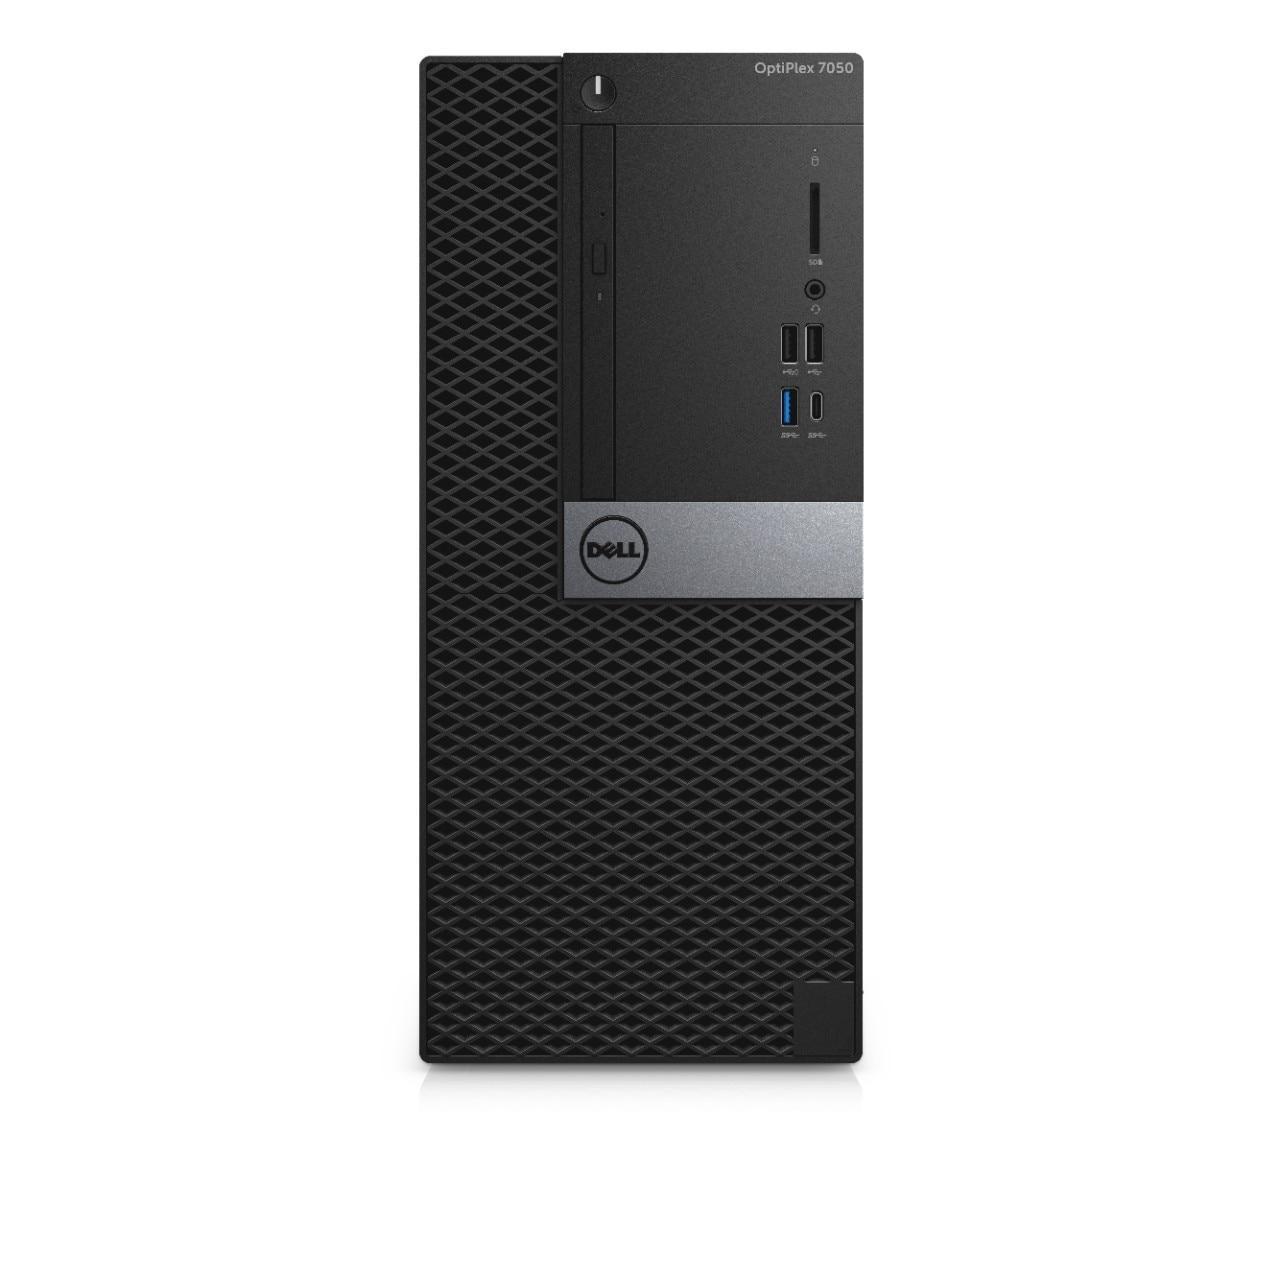 Dell OptiPlex 7050 MT Core i7 3.4 GHz - SSD 512 GB RAM 16GB